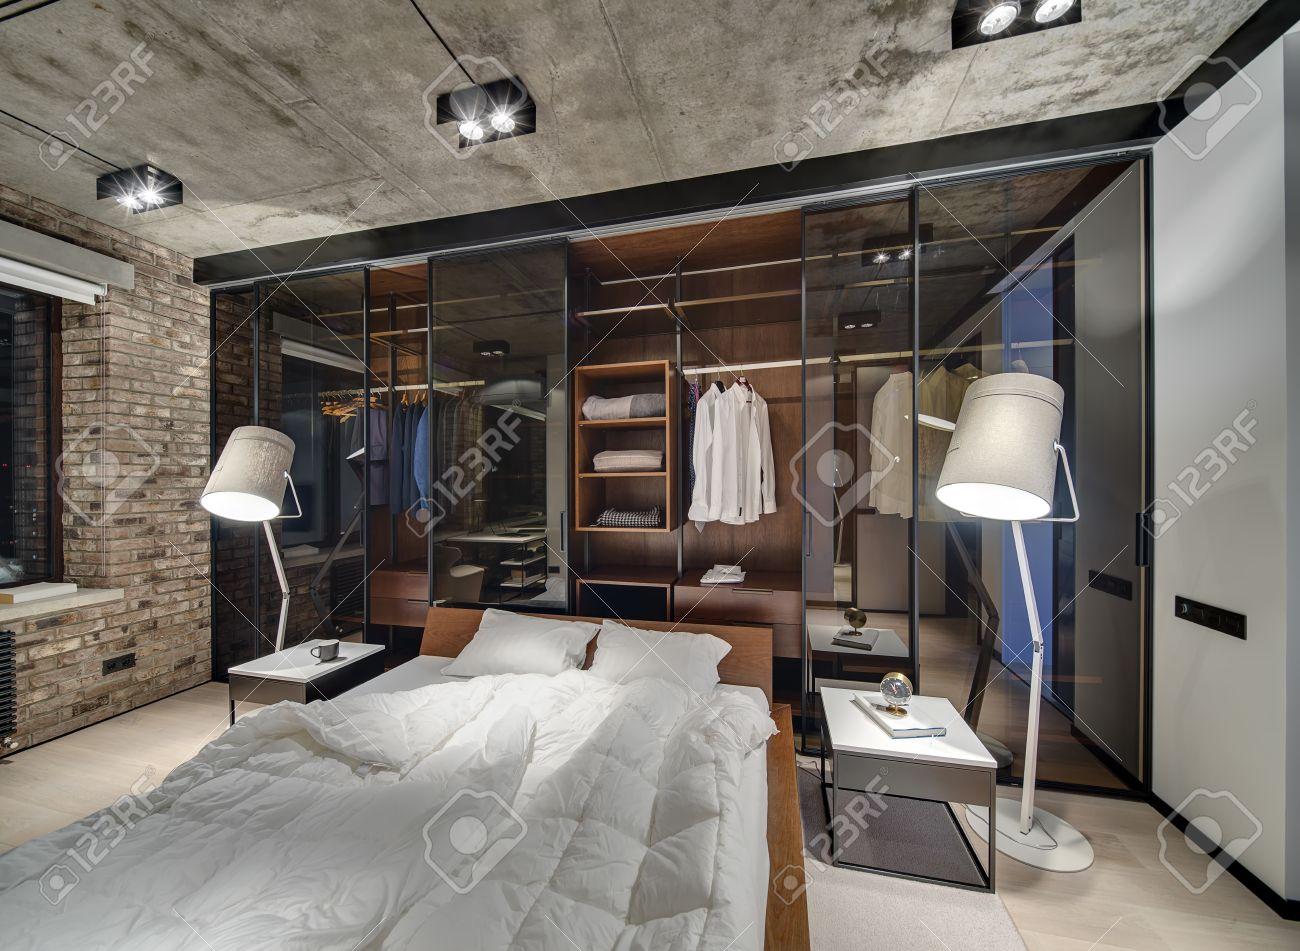 Camera da letto in stile loft con muro di mattoni e soffitto di